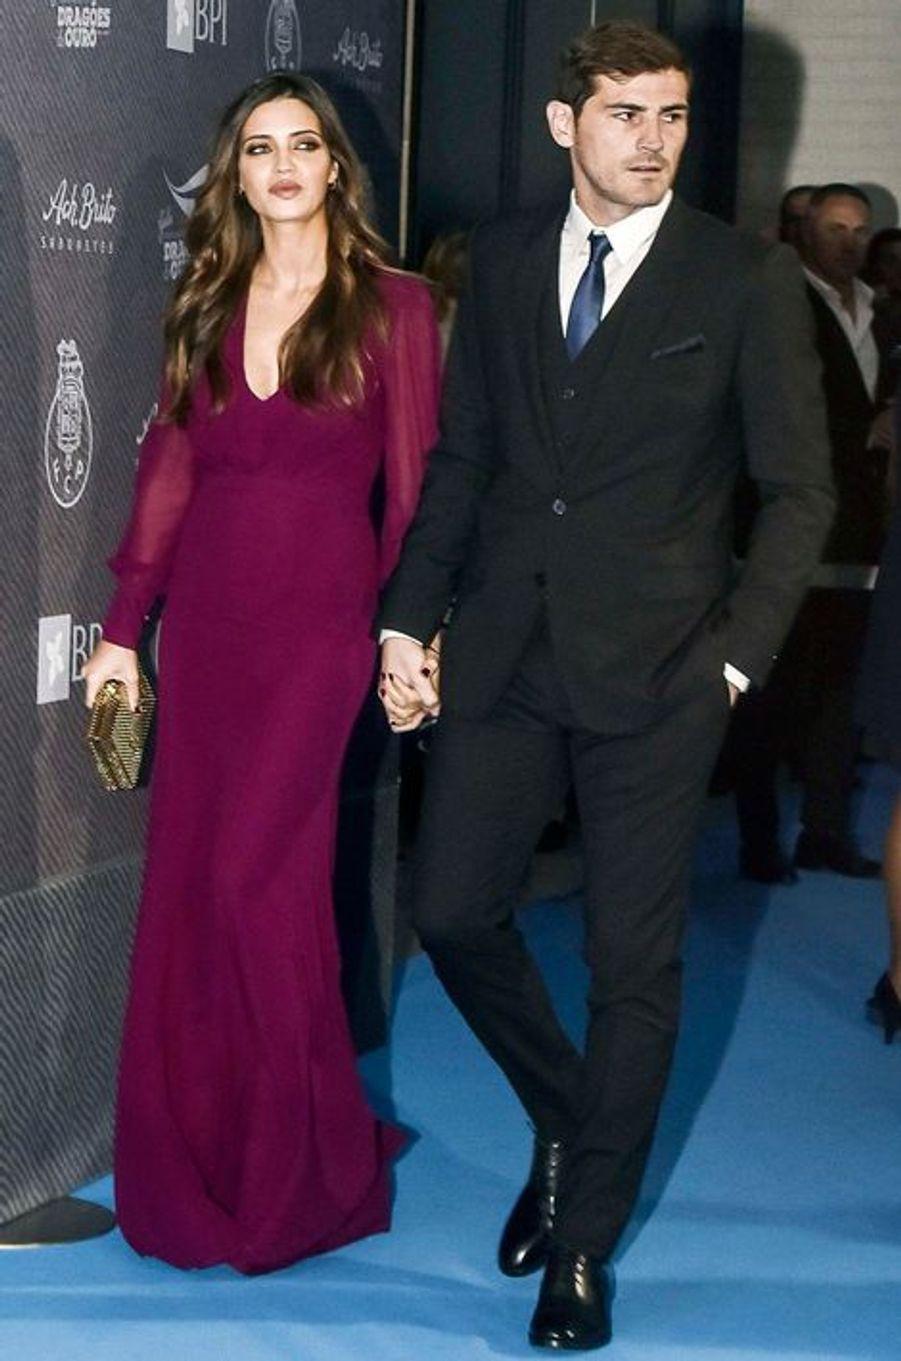 Le footballeur Iker Casillas et sa compagne, la journaliste Sara Carbonero, attendent leur deuxième enfant, prévu pour le printemps.